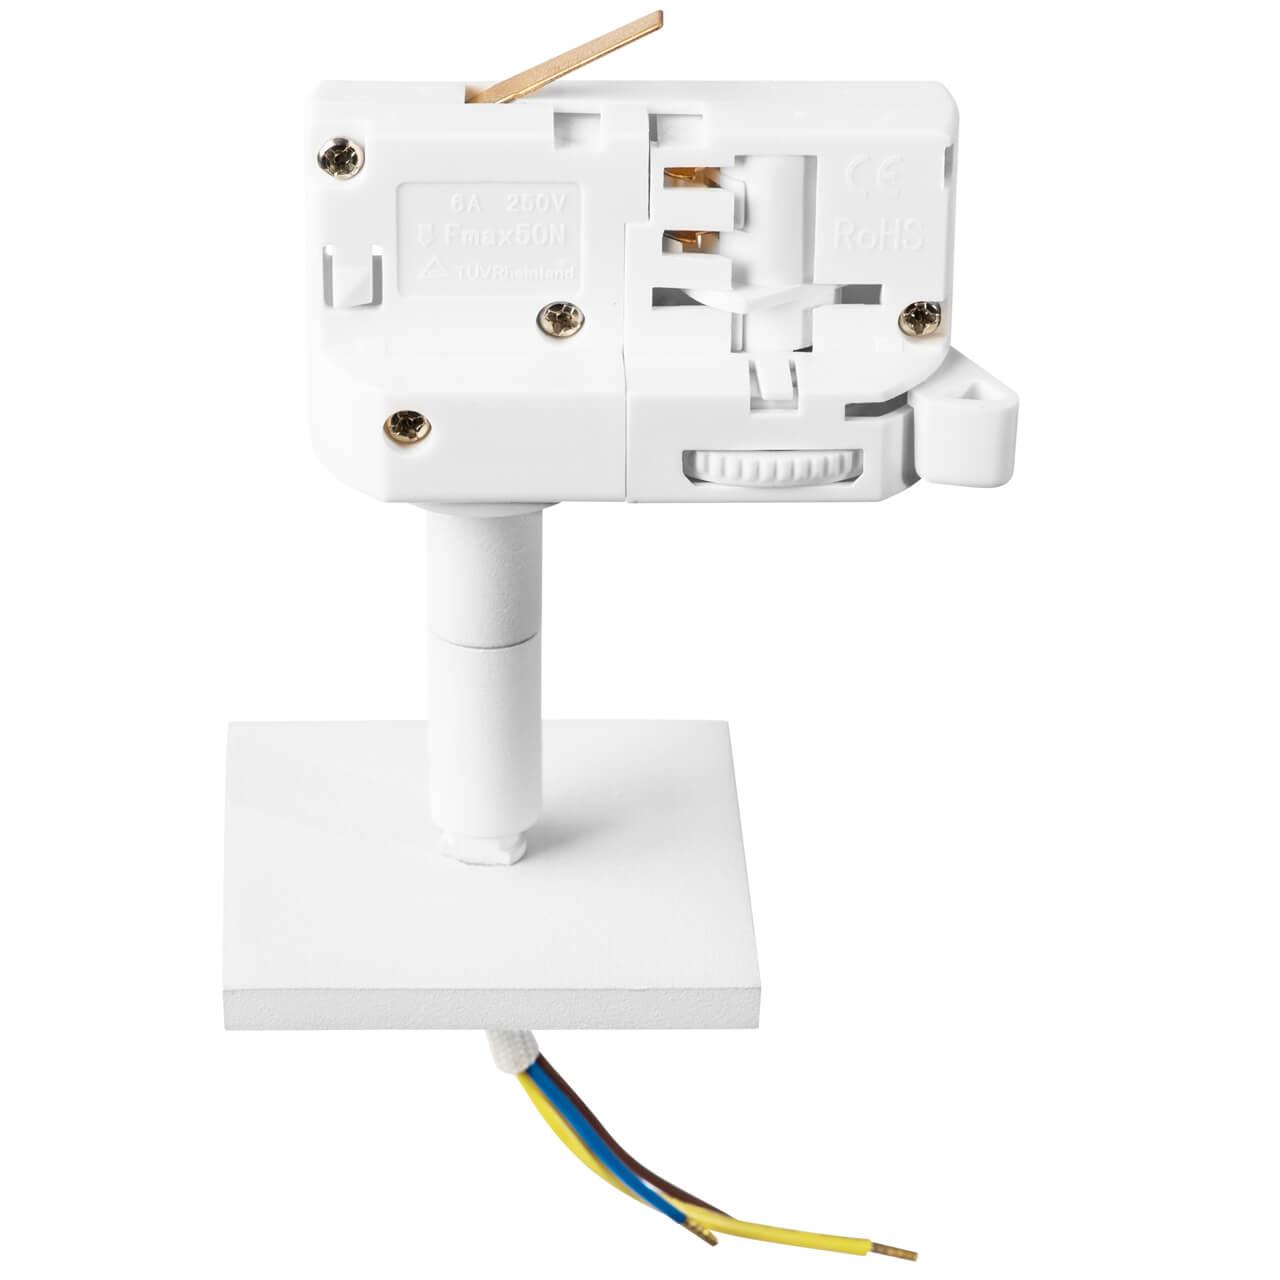 Адаптер для шинопровода Lightstar 594256 Asta (для трехфазного шинопровода)